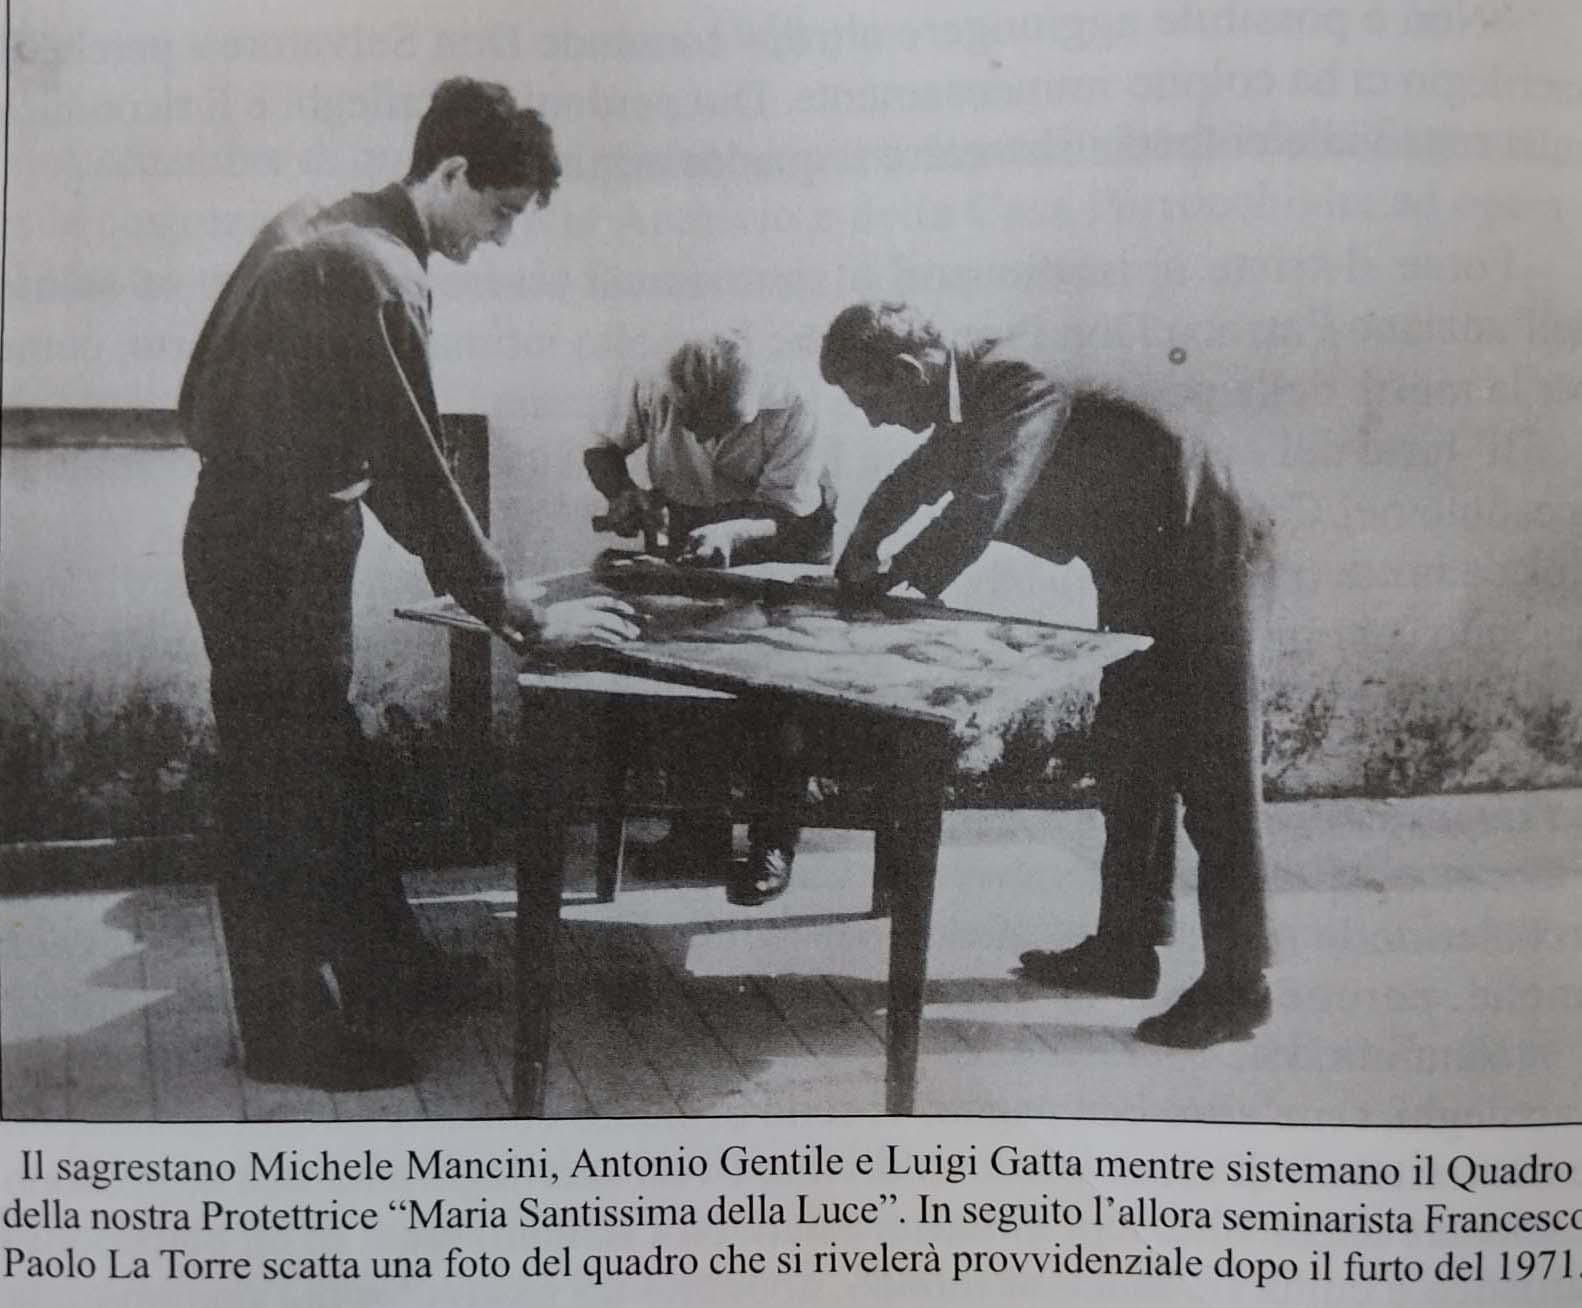 1965. Nell'atrio della sacrestia il seminarista don Francesco La Torre fotografa la tela originale aiutato da alcuni collaboratori, descritti nella didascalia